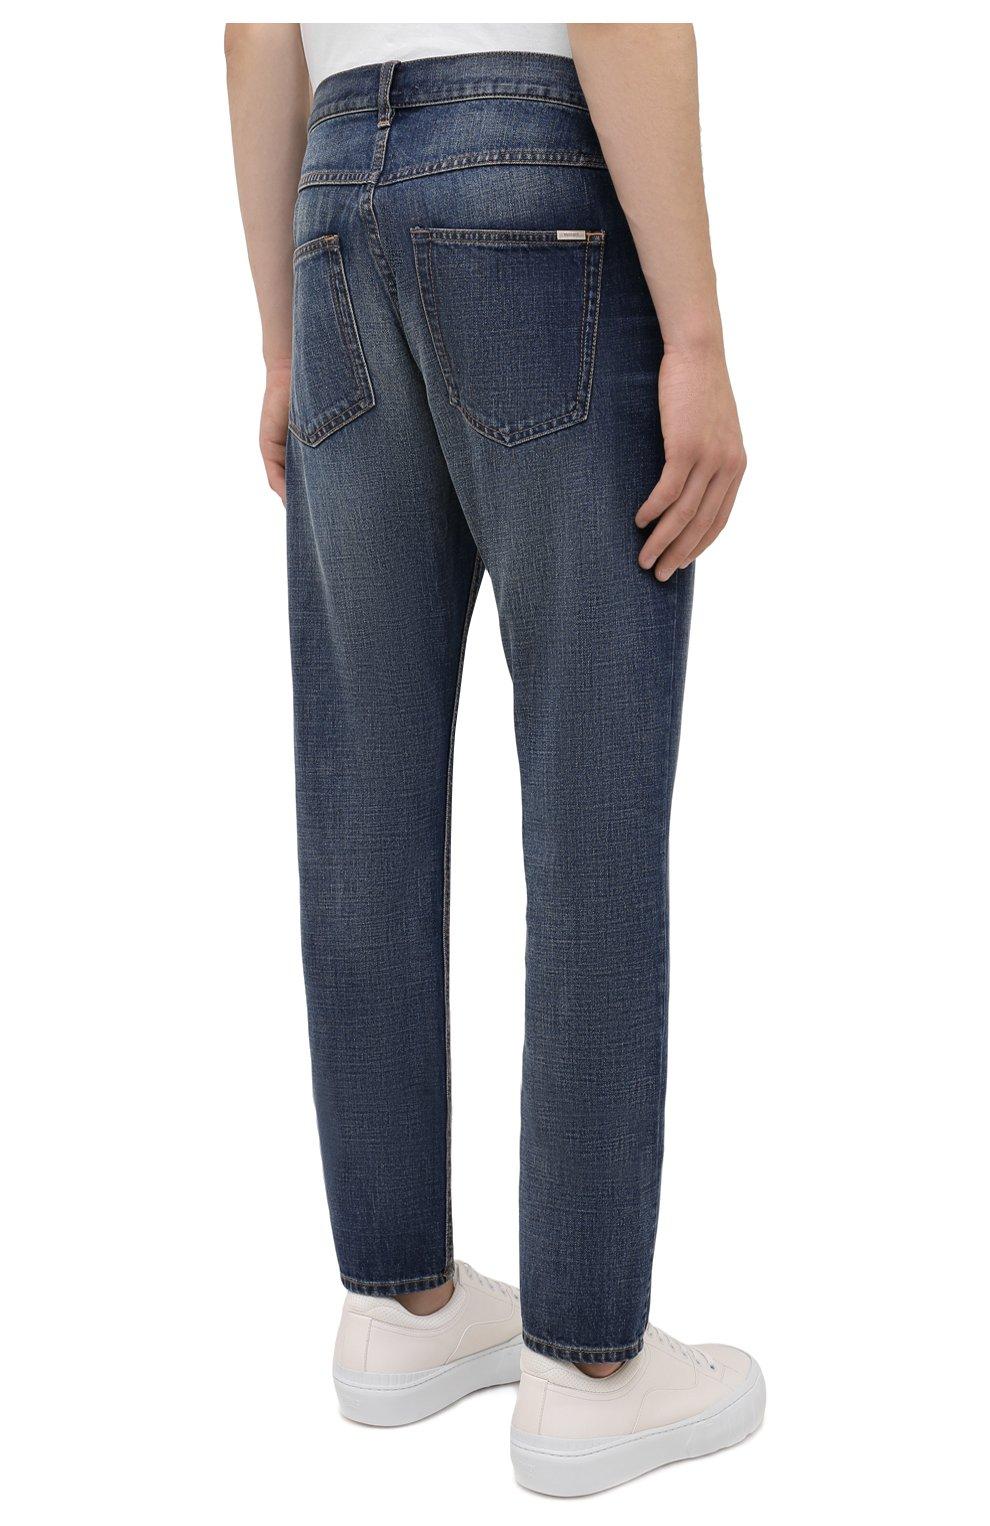 Мужские джинсы ISABEL MARANT синего цвета, арт. PA0867-21A018H/JACK | Фото 4 (Силуэт М (брюки): Прямые; Кросс-КТ: Деним; Длина (брюки, джинсы): Стандартные; Материал внешний: Хлопок; Детали: Потертости; Стили: Кэжуэл)